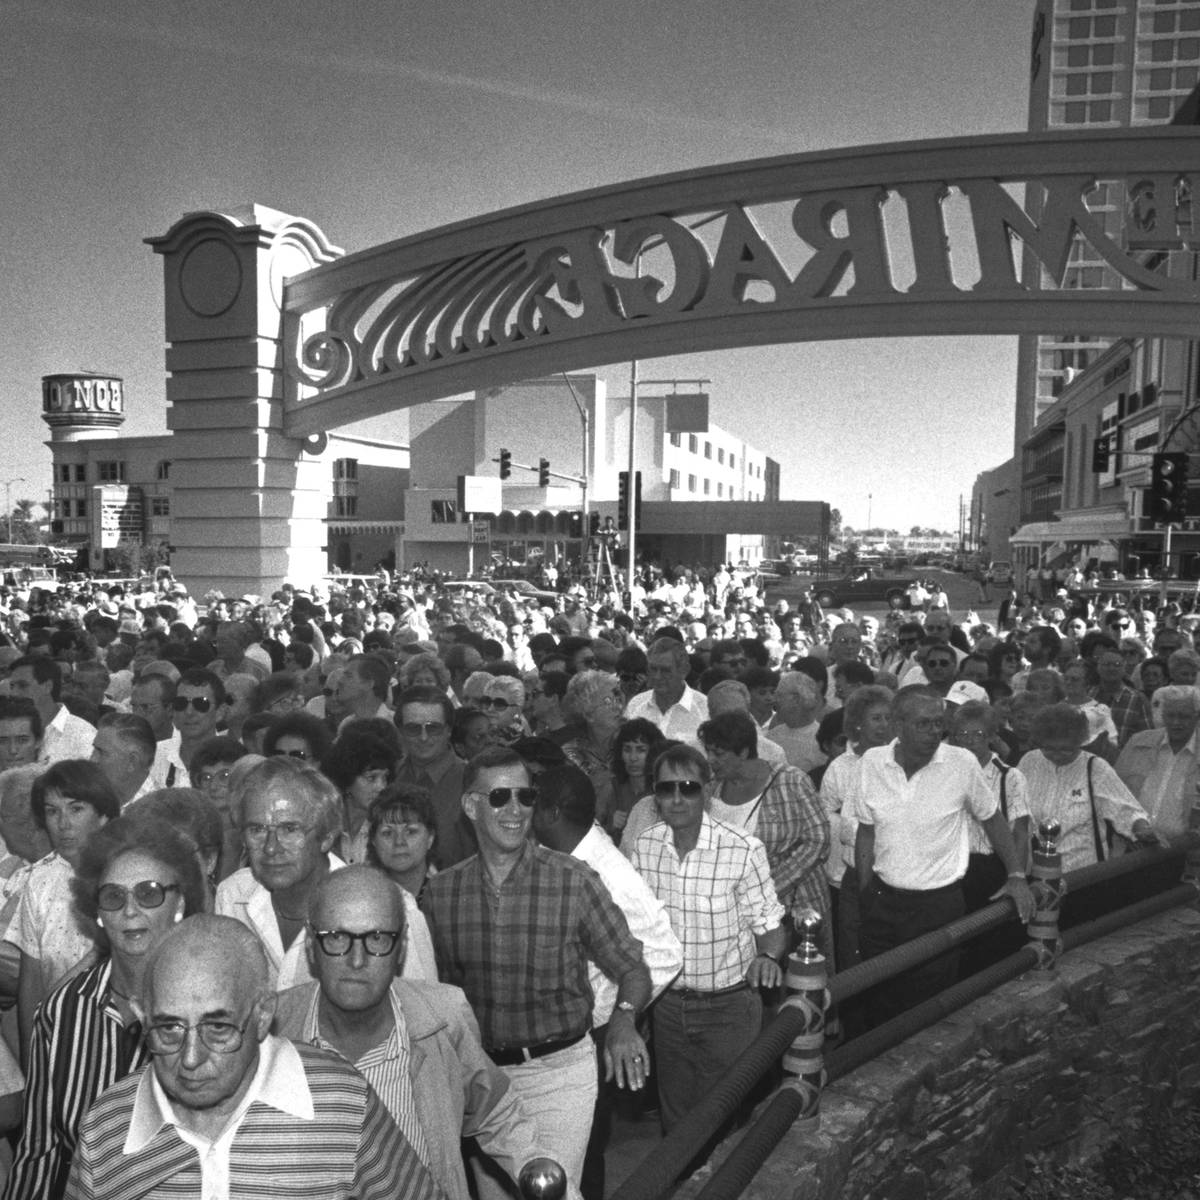 A los 30 minutos de su apertura el 22 de noviembre de 1989, se estima que 40 mil visitantes ent ...